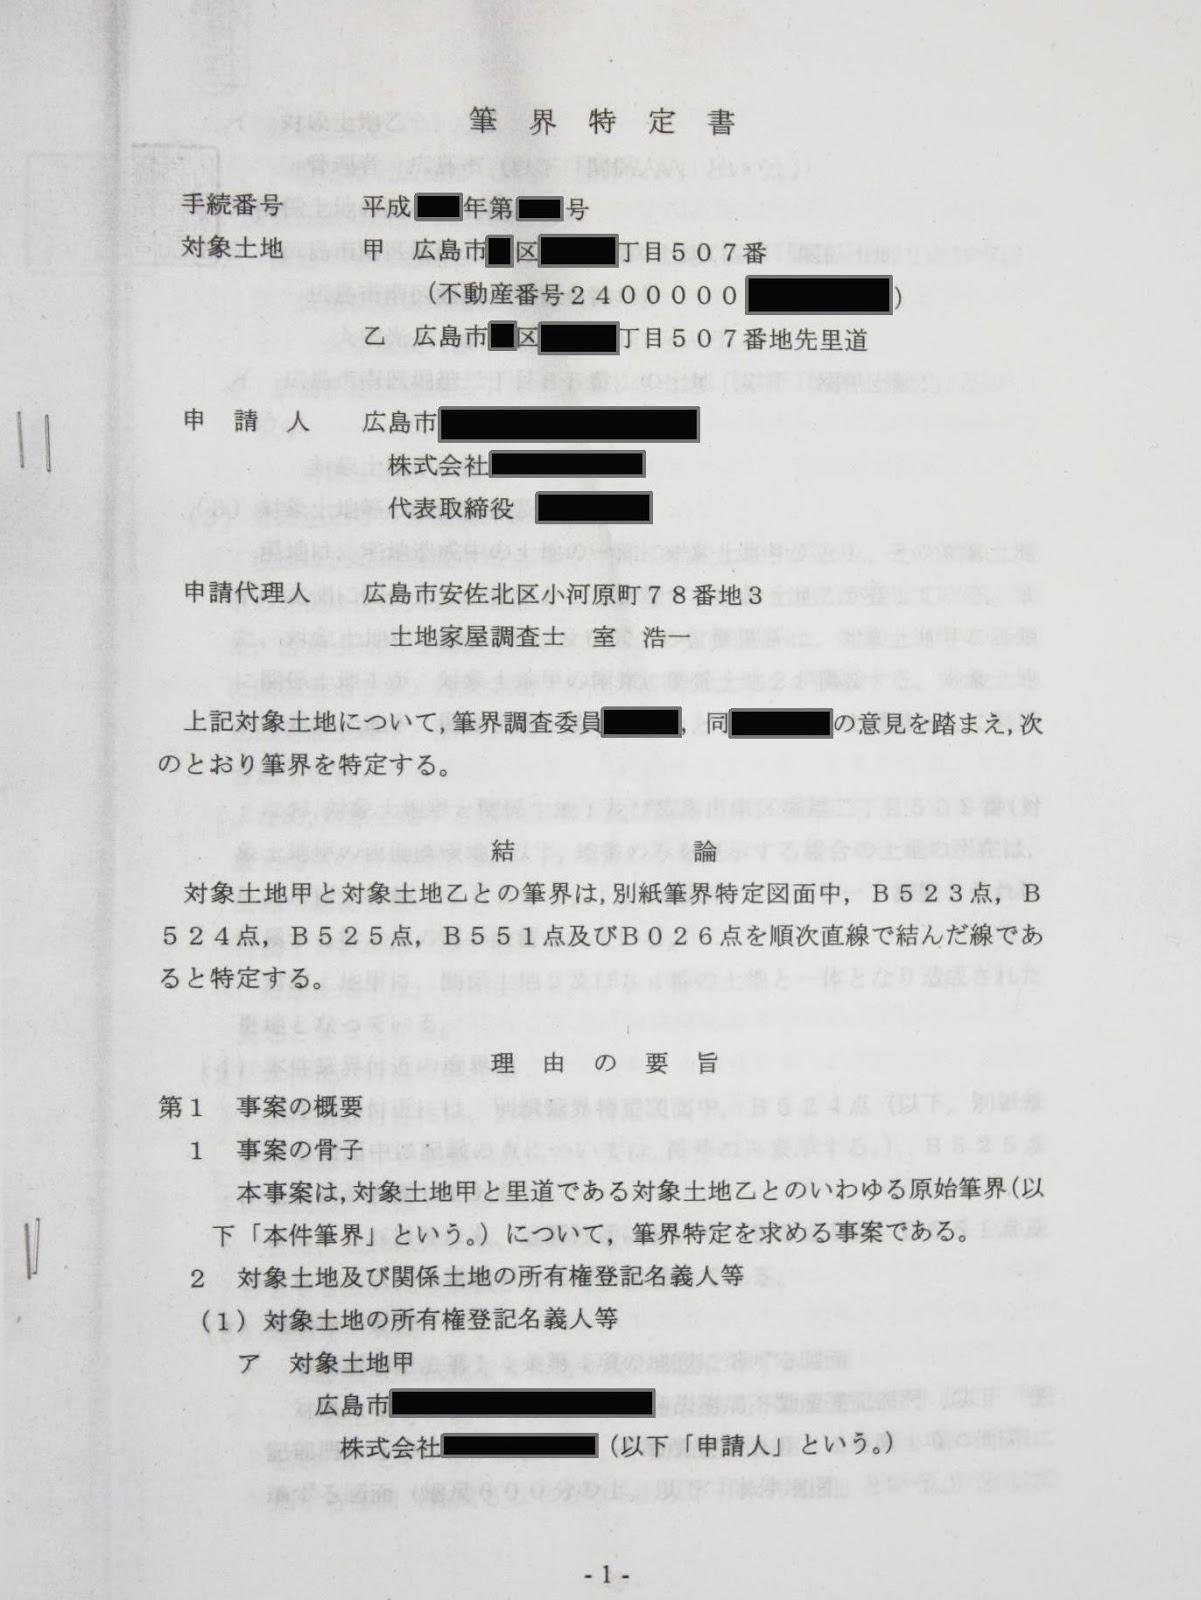 室浩一 土地家屋調査士事務所: 境界紛争解決制度 ②<b>筆界</b>特定